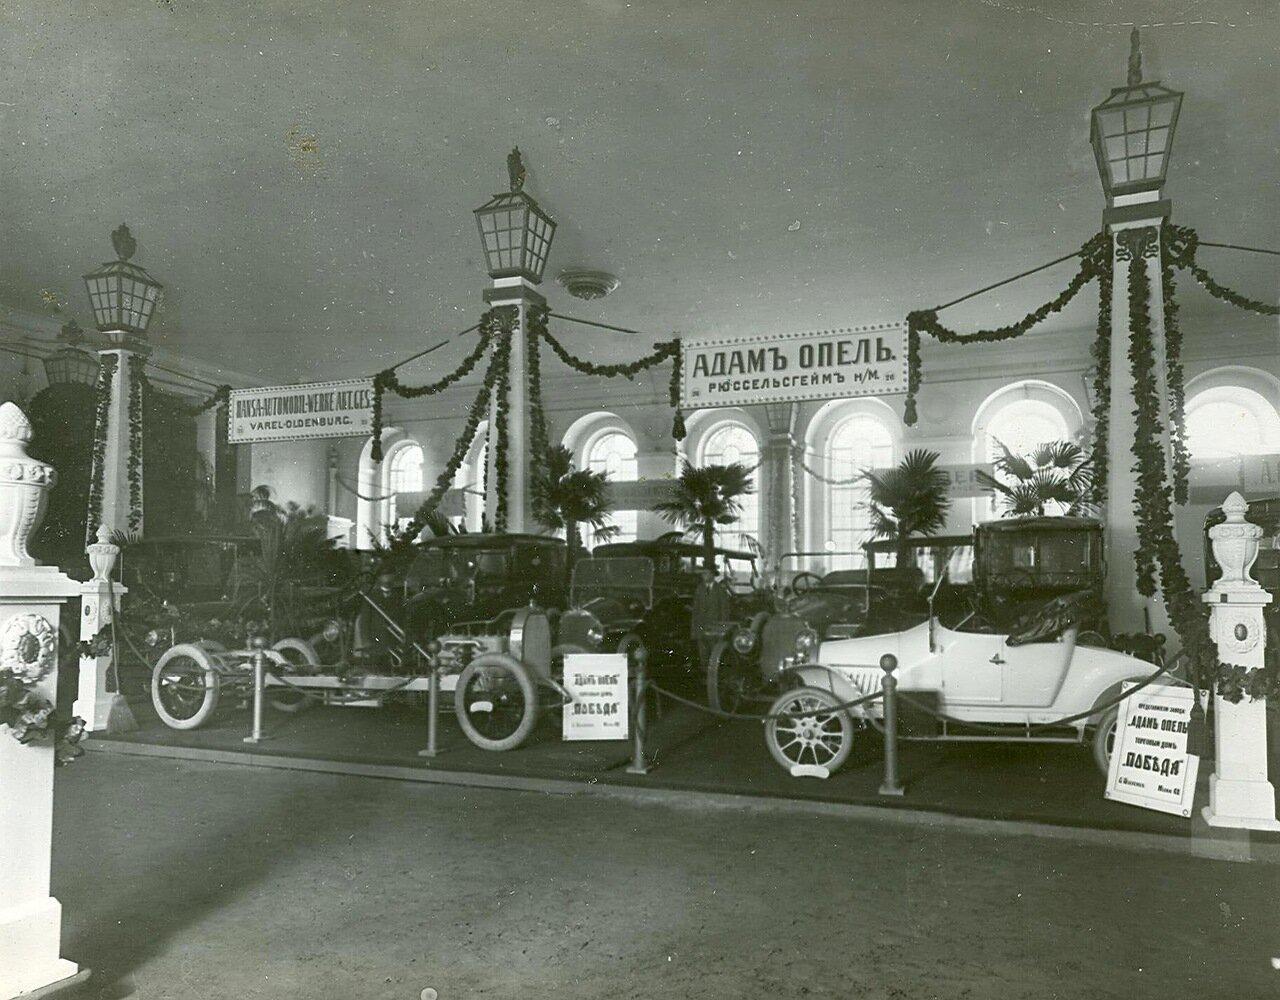 65. Часть выставочного зала  на первом плане - автомобили фирмы Адама Опеля